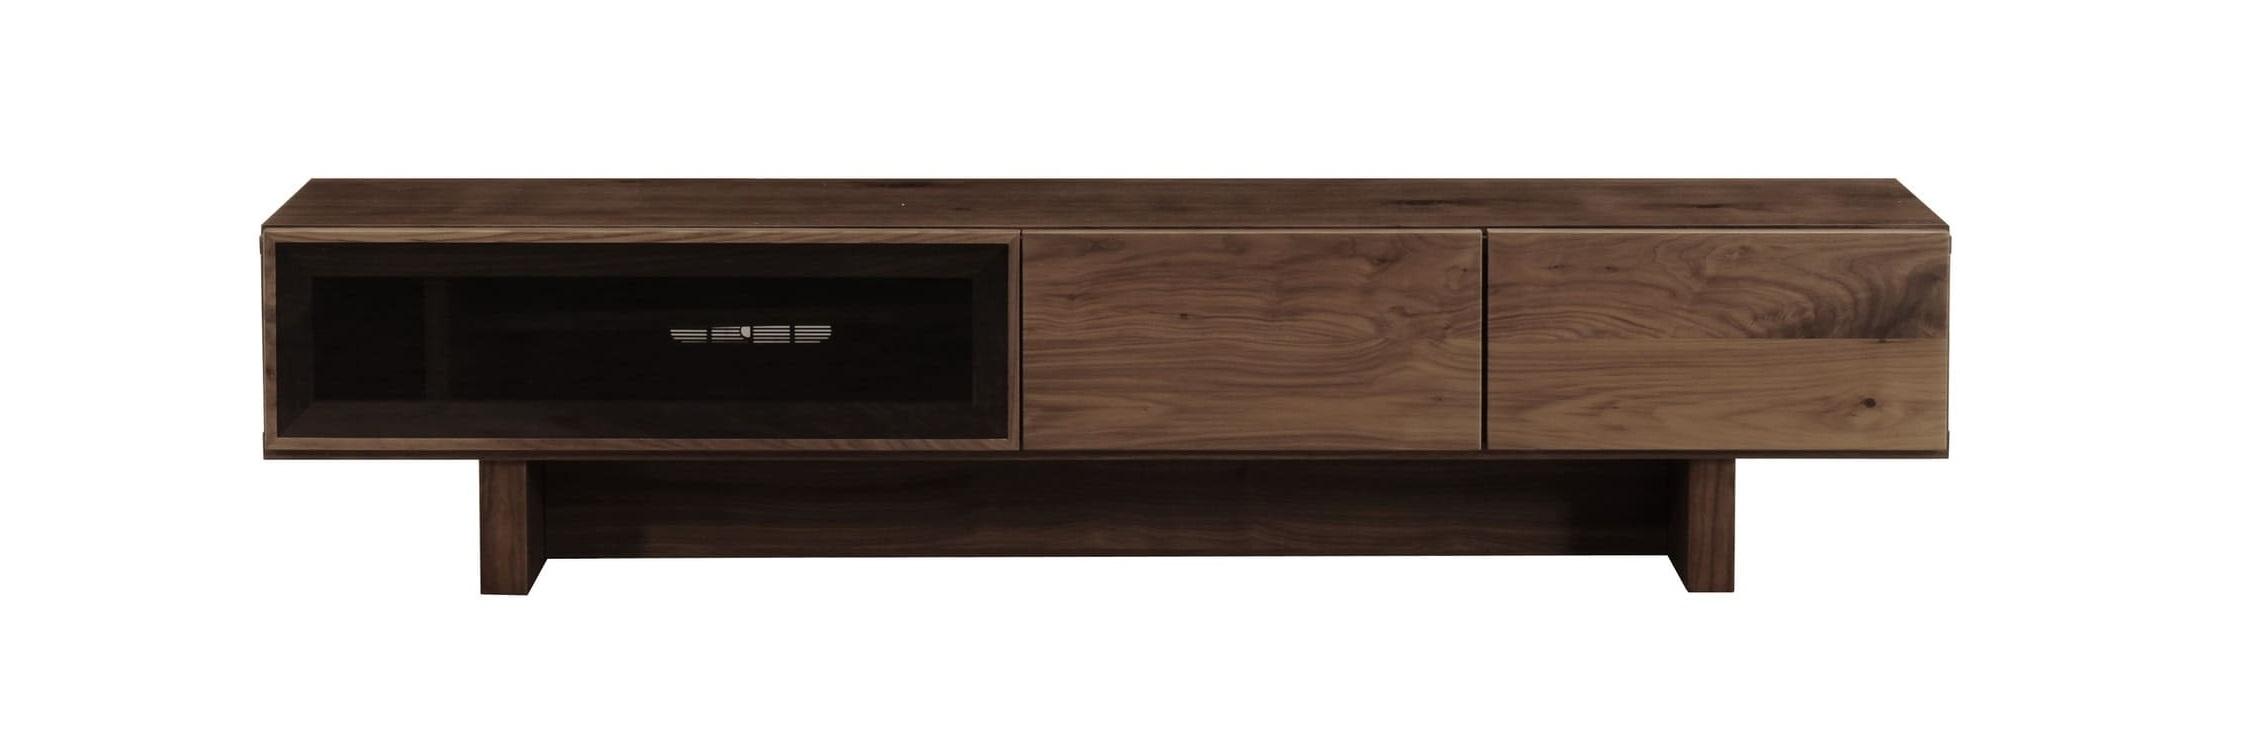 ベント TVボード|リビングボード